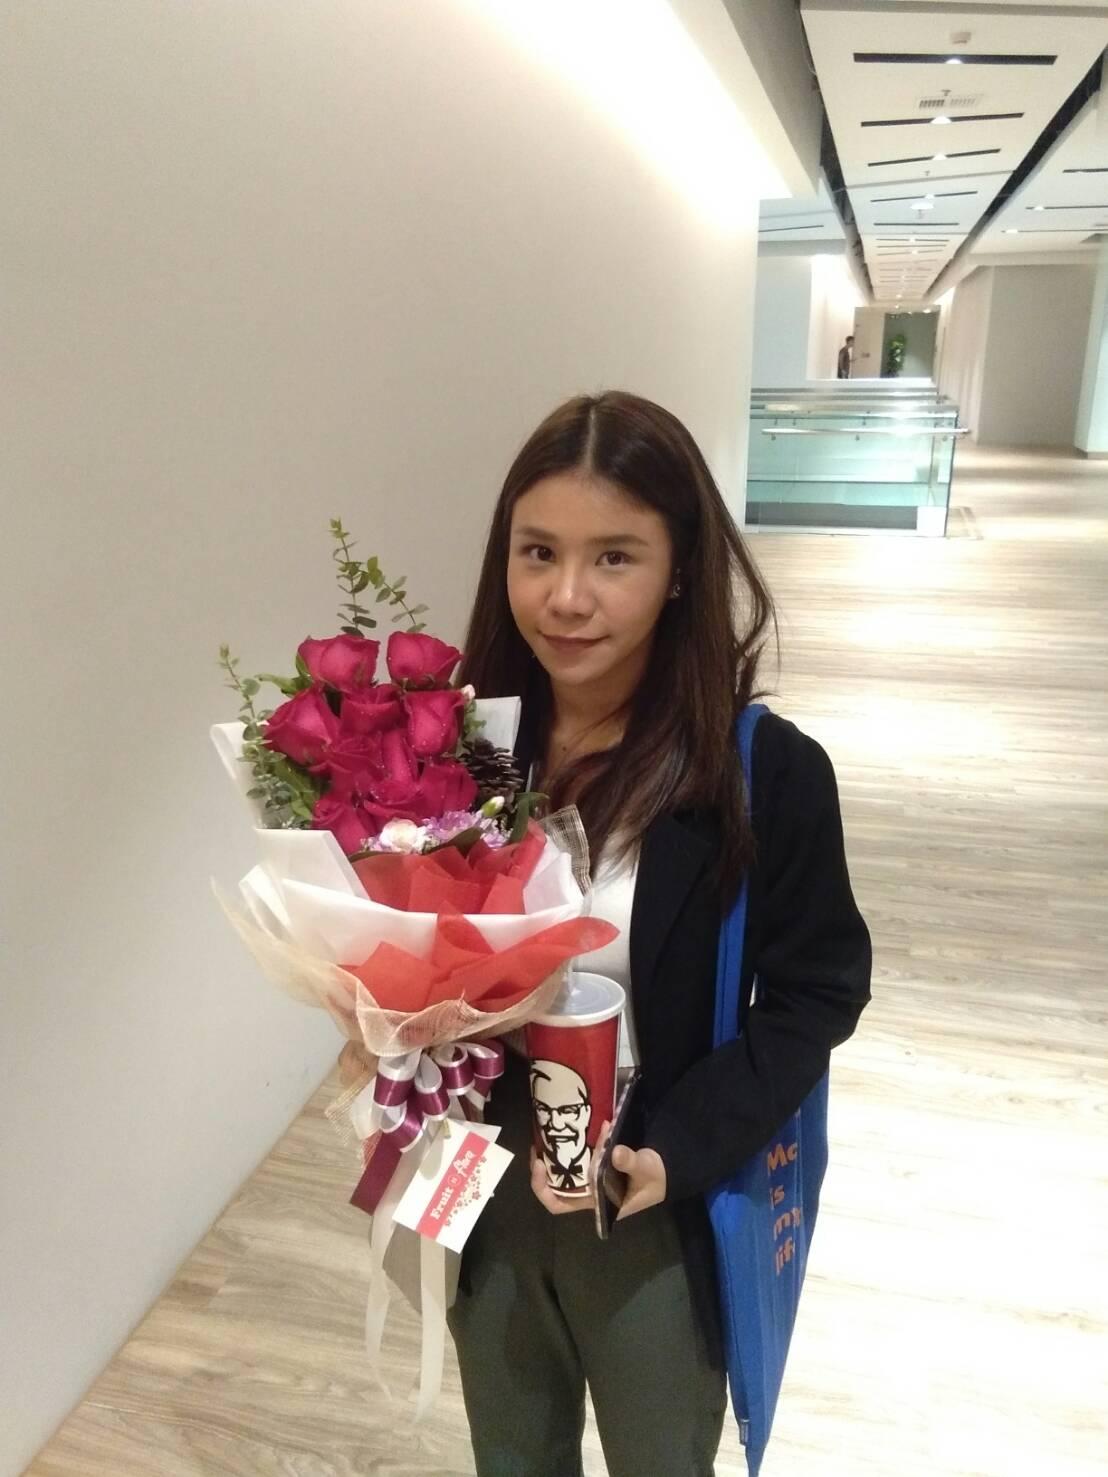 ช่อดอกกุหลาบสีแดง 10 ดอก แซมด้วยดอกมัมและดอกยิปโซ สื่อความรู้สึกดีๆ ถึงคนที่เรารัก